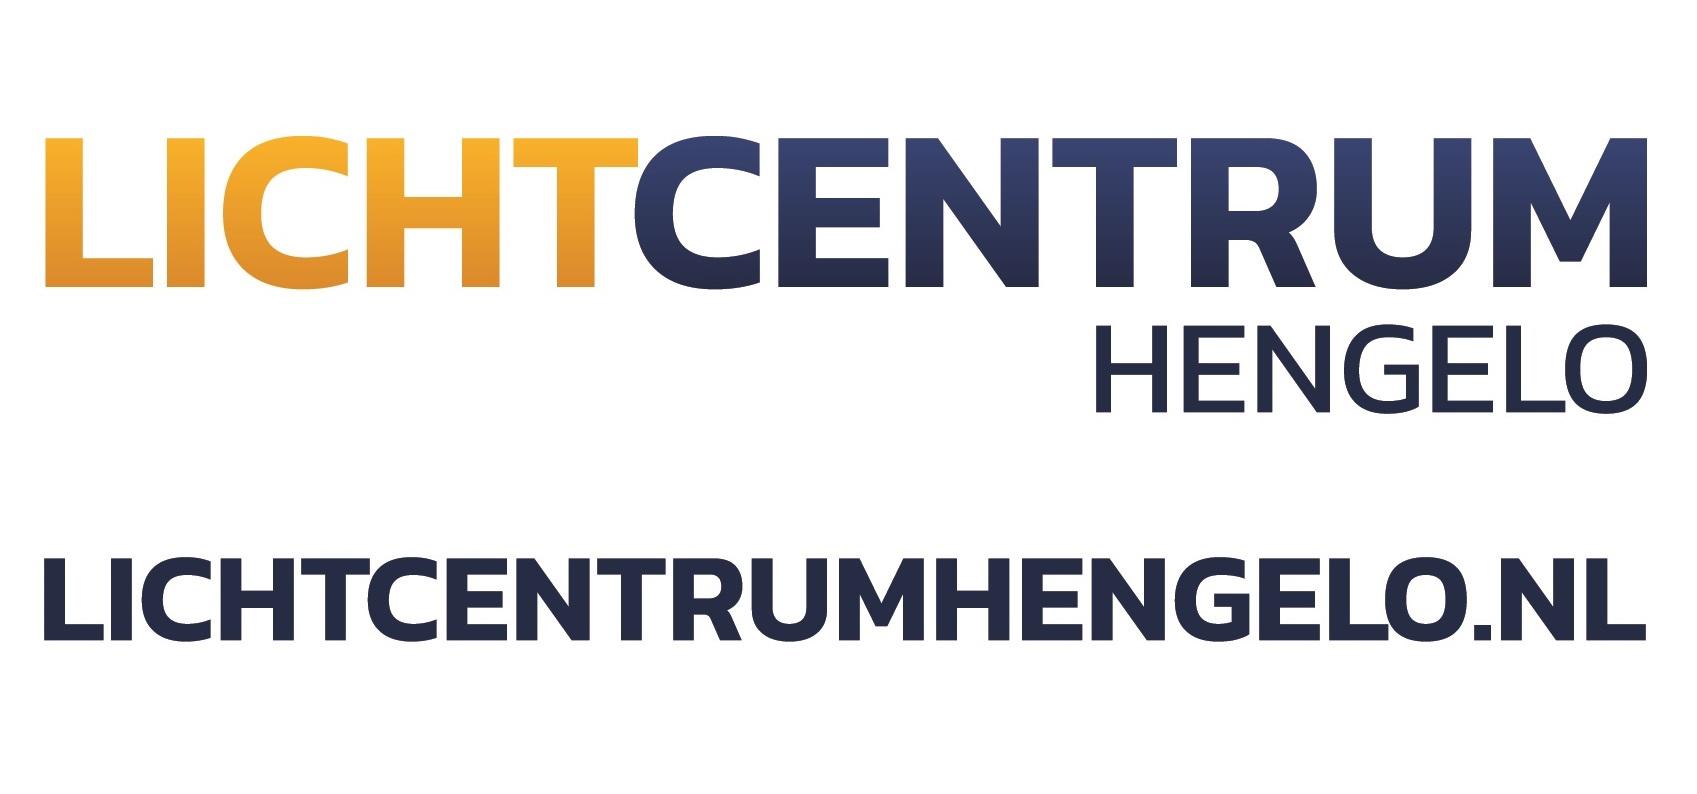 Lichtcentrum Hengelo